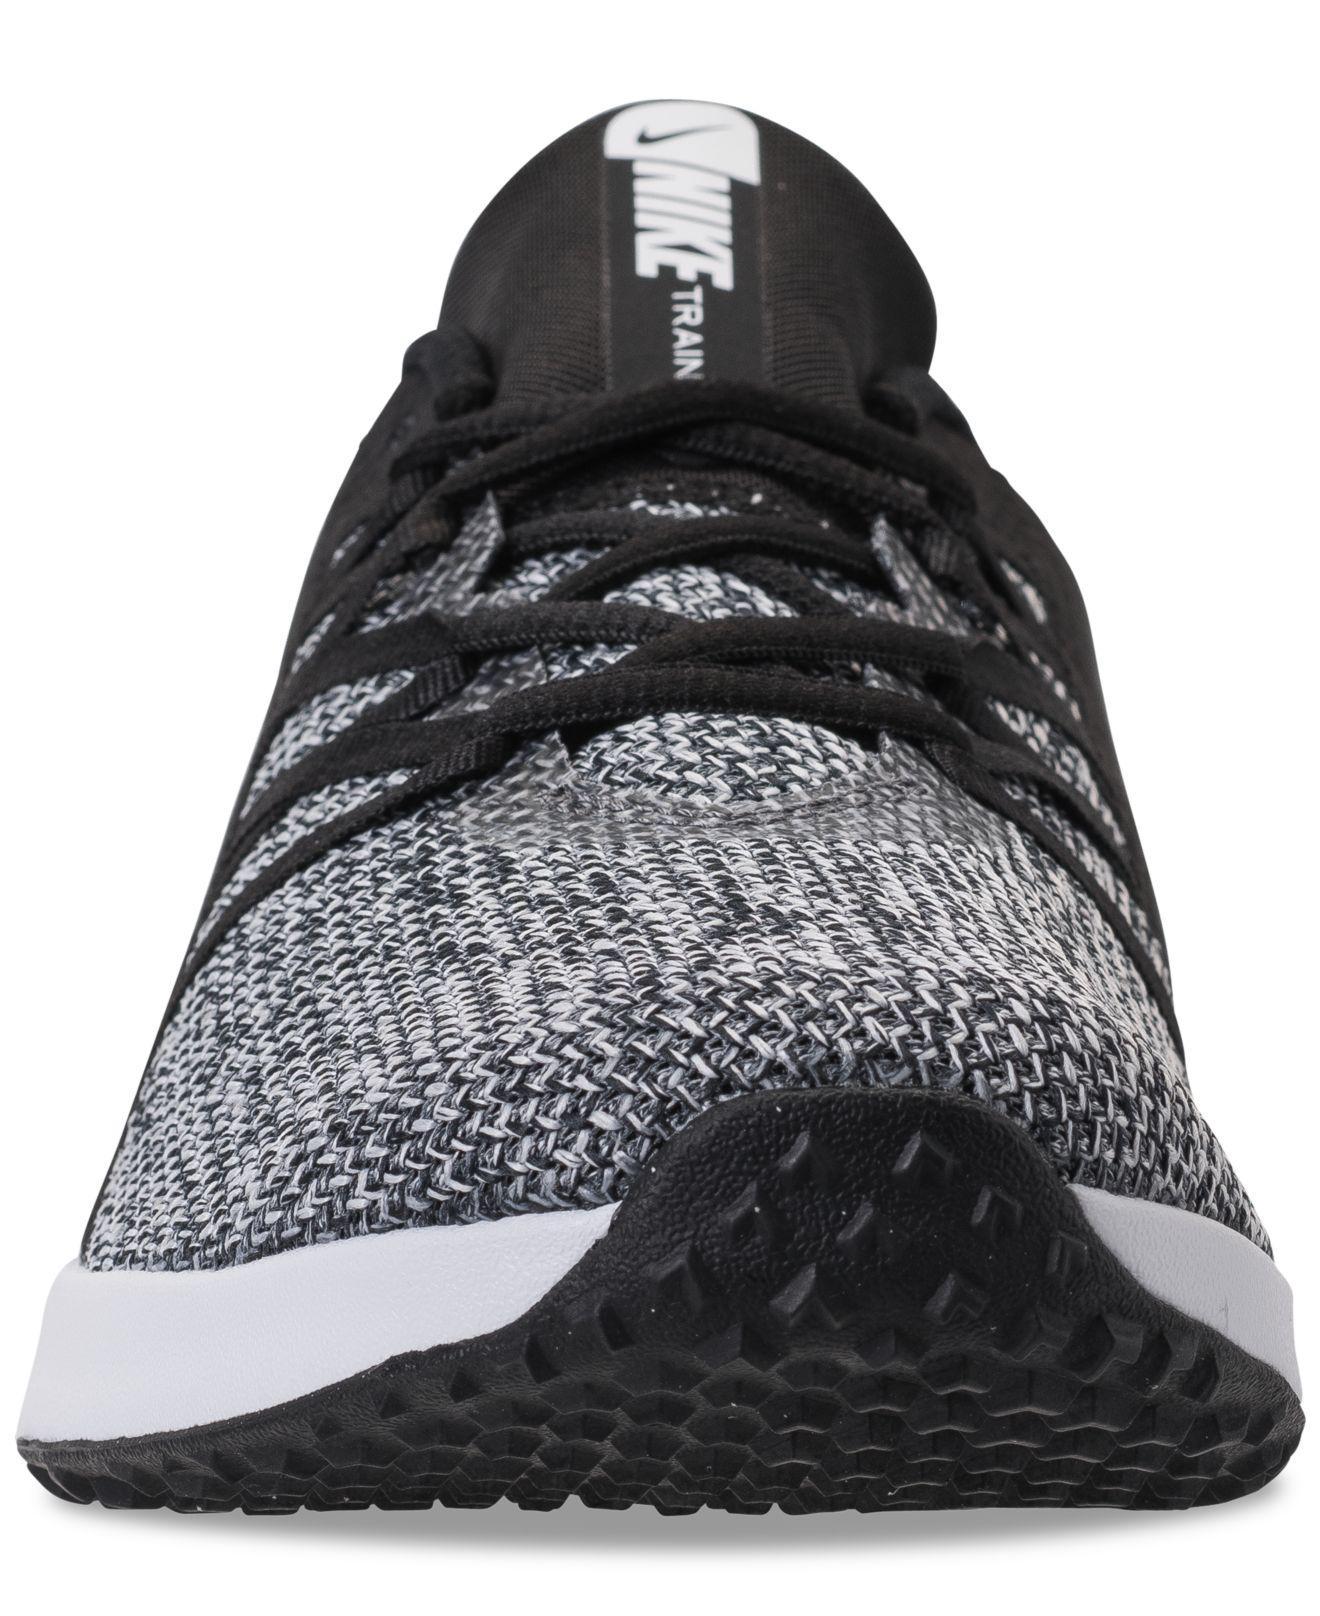 new york 5b00f 12fee Nike - Black Varsity Compete Trainer 4 for Men - Lyst. View fullscreen